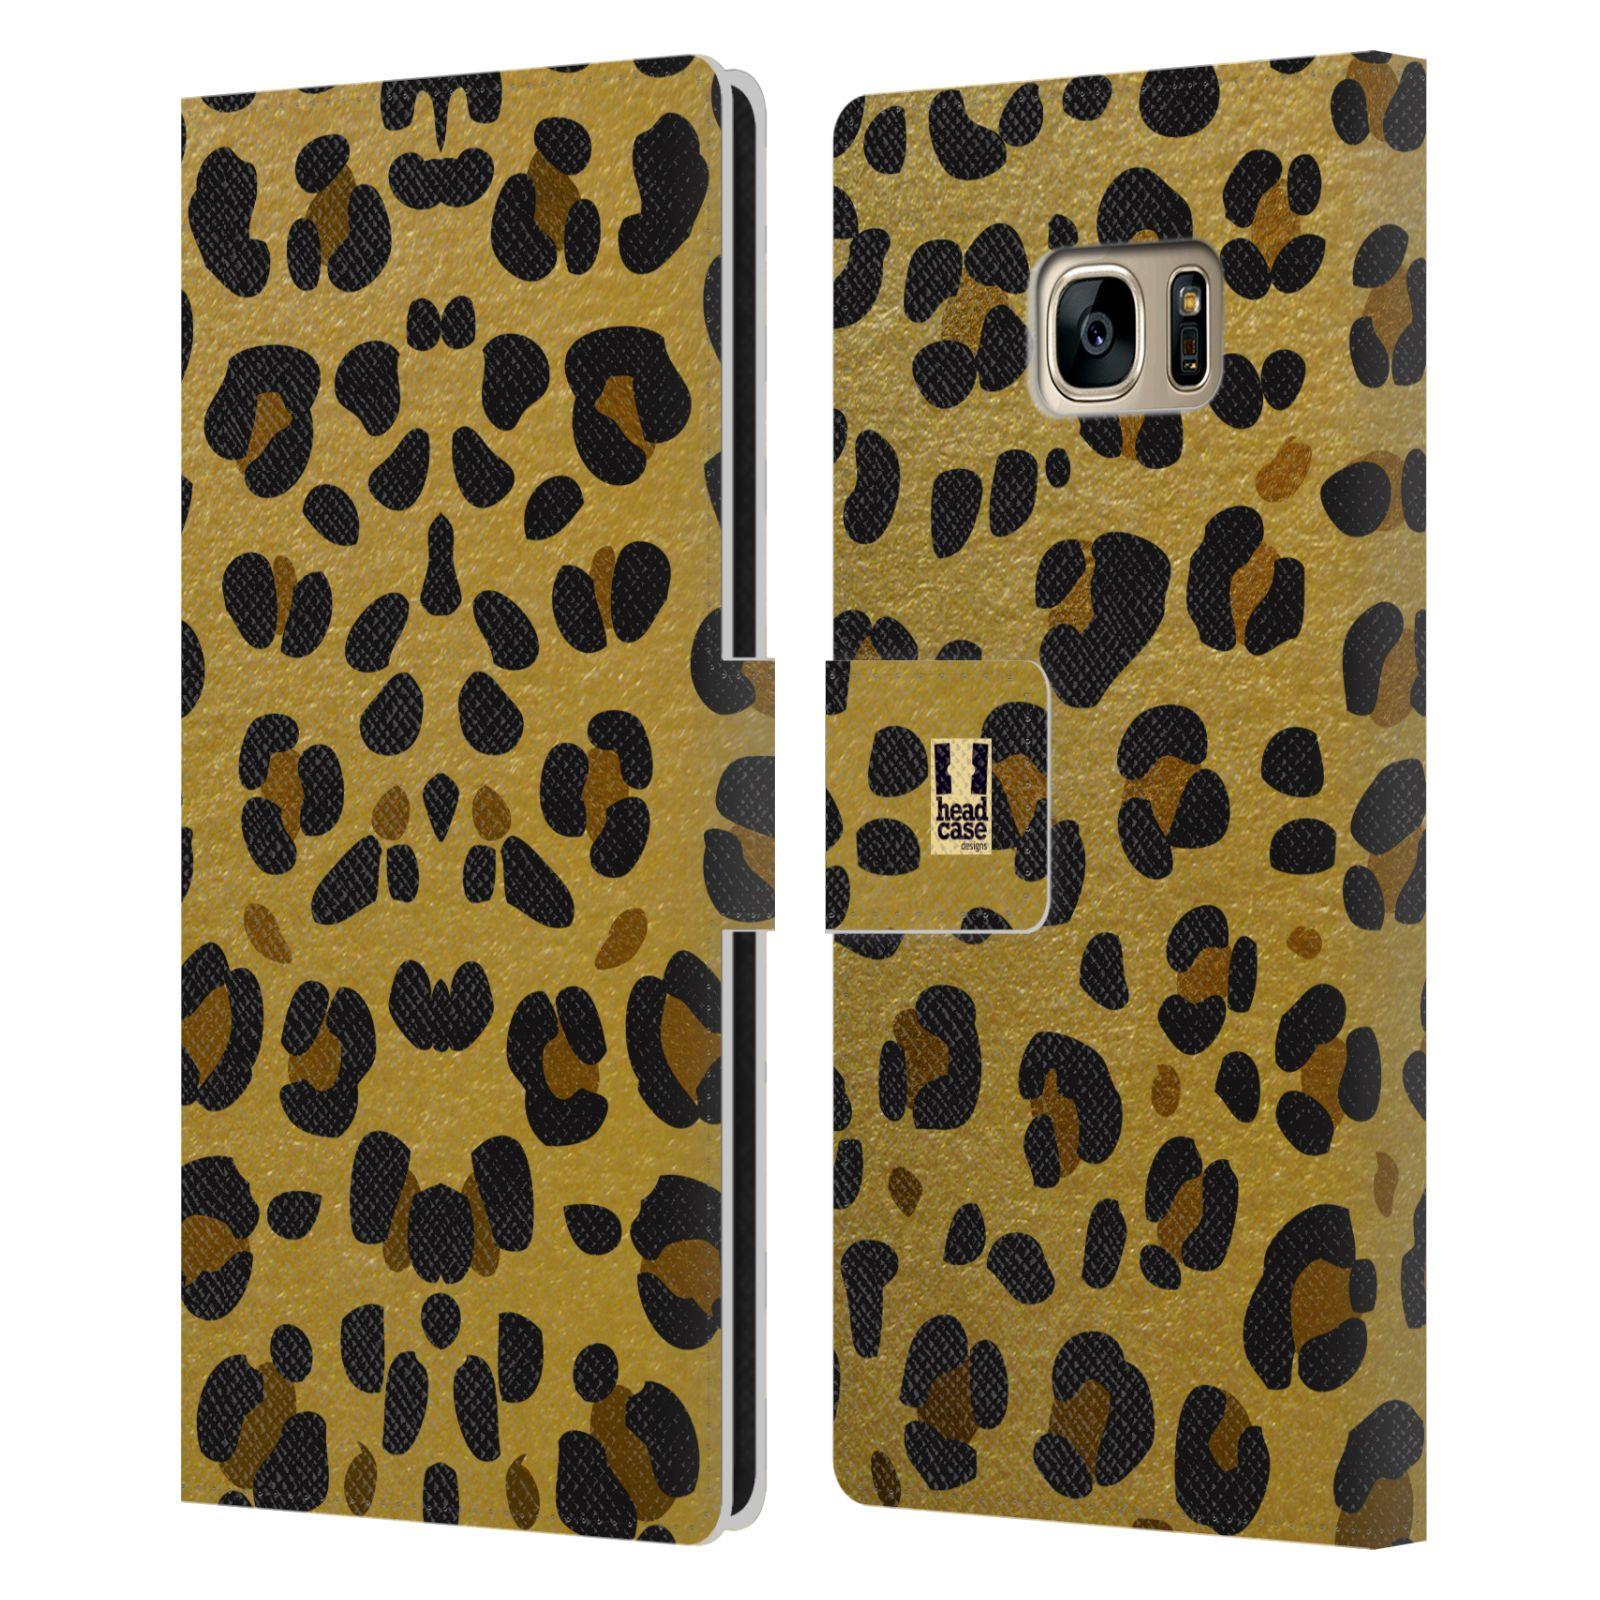 Pouzdro na mobil Samsung Galaxy S7 Edge - Head Case - Fashion zvířecí vzor